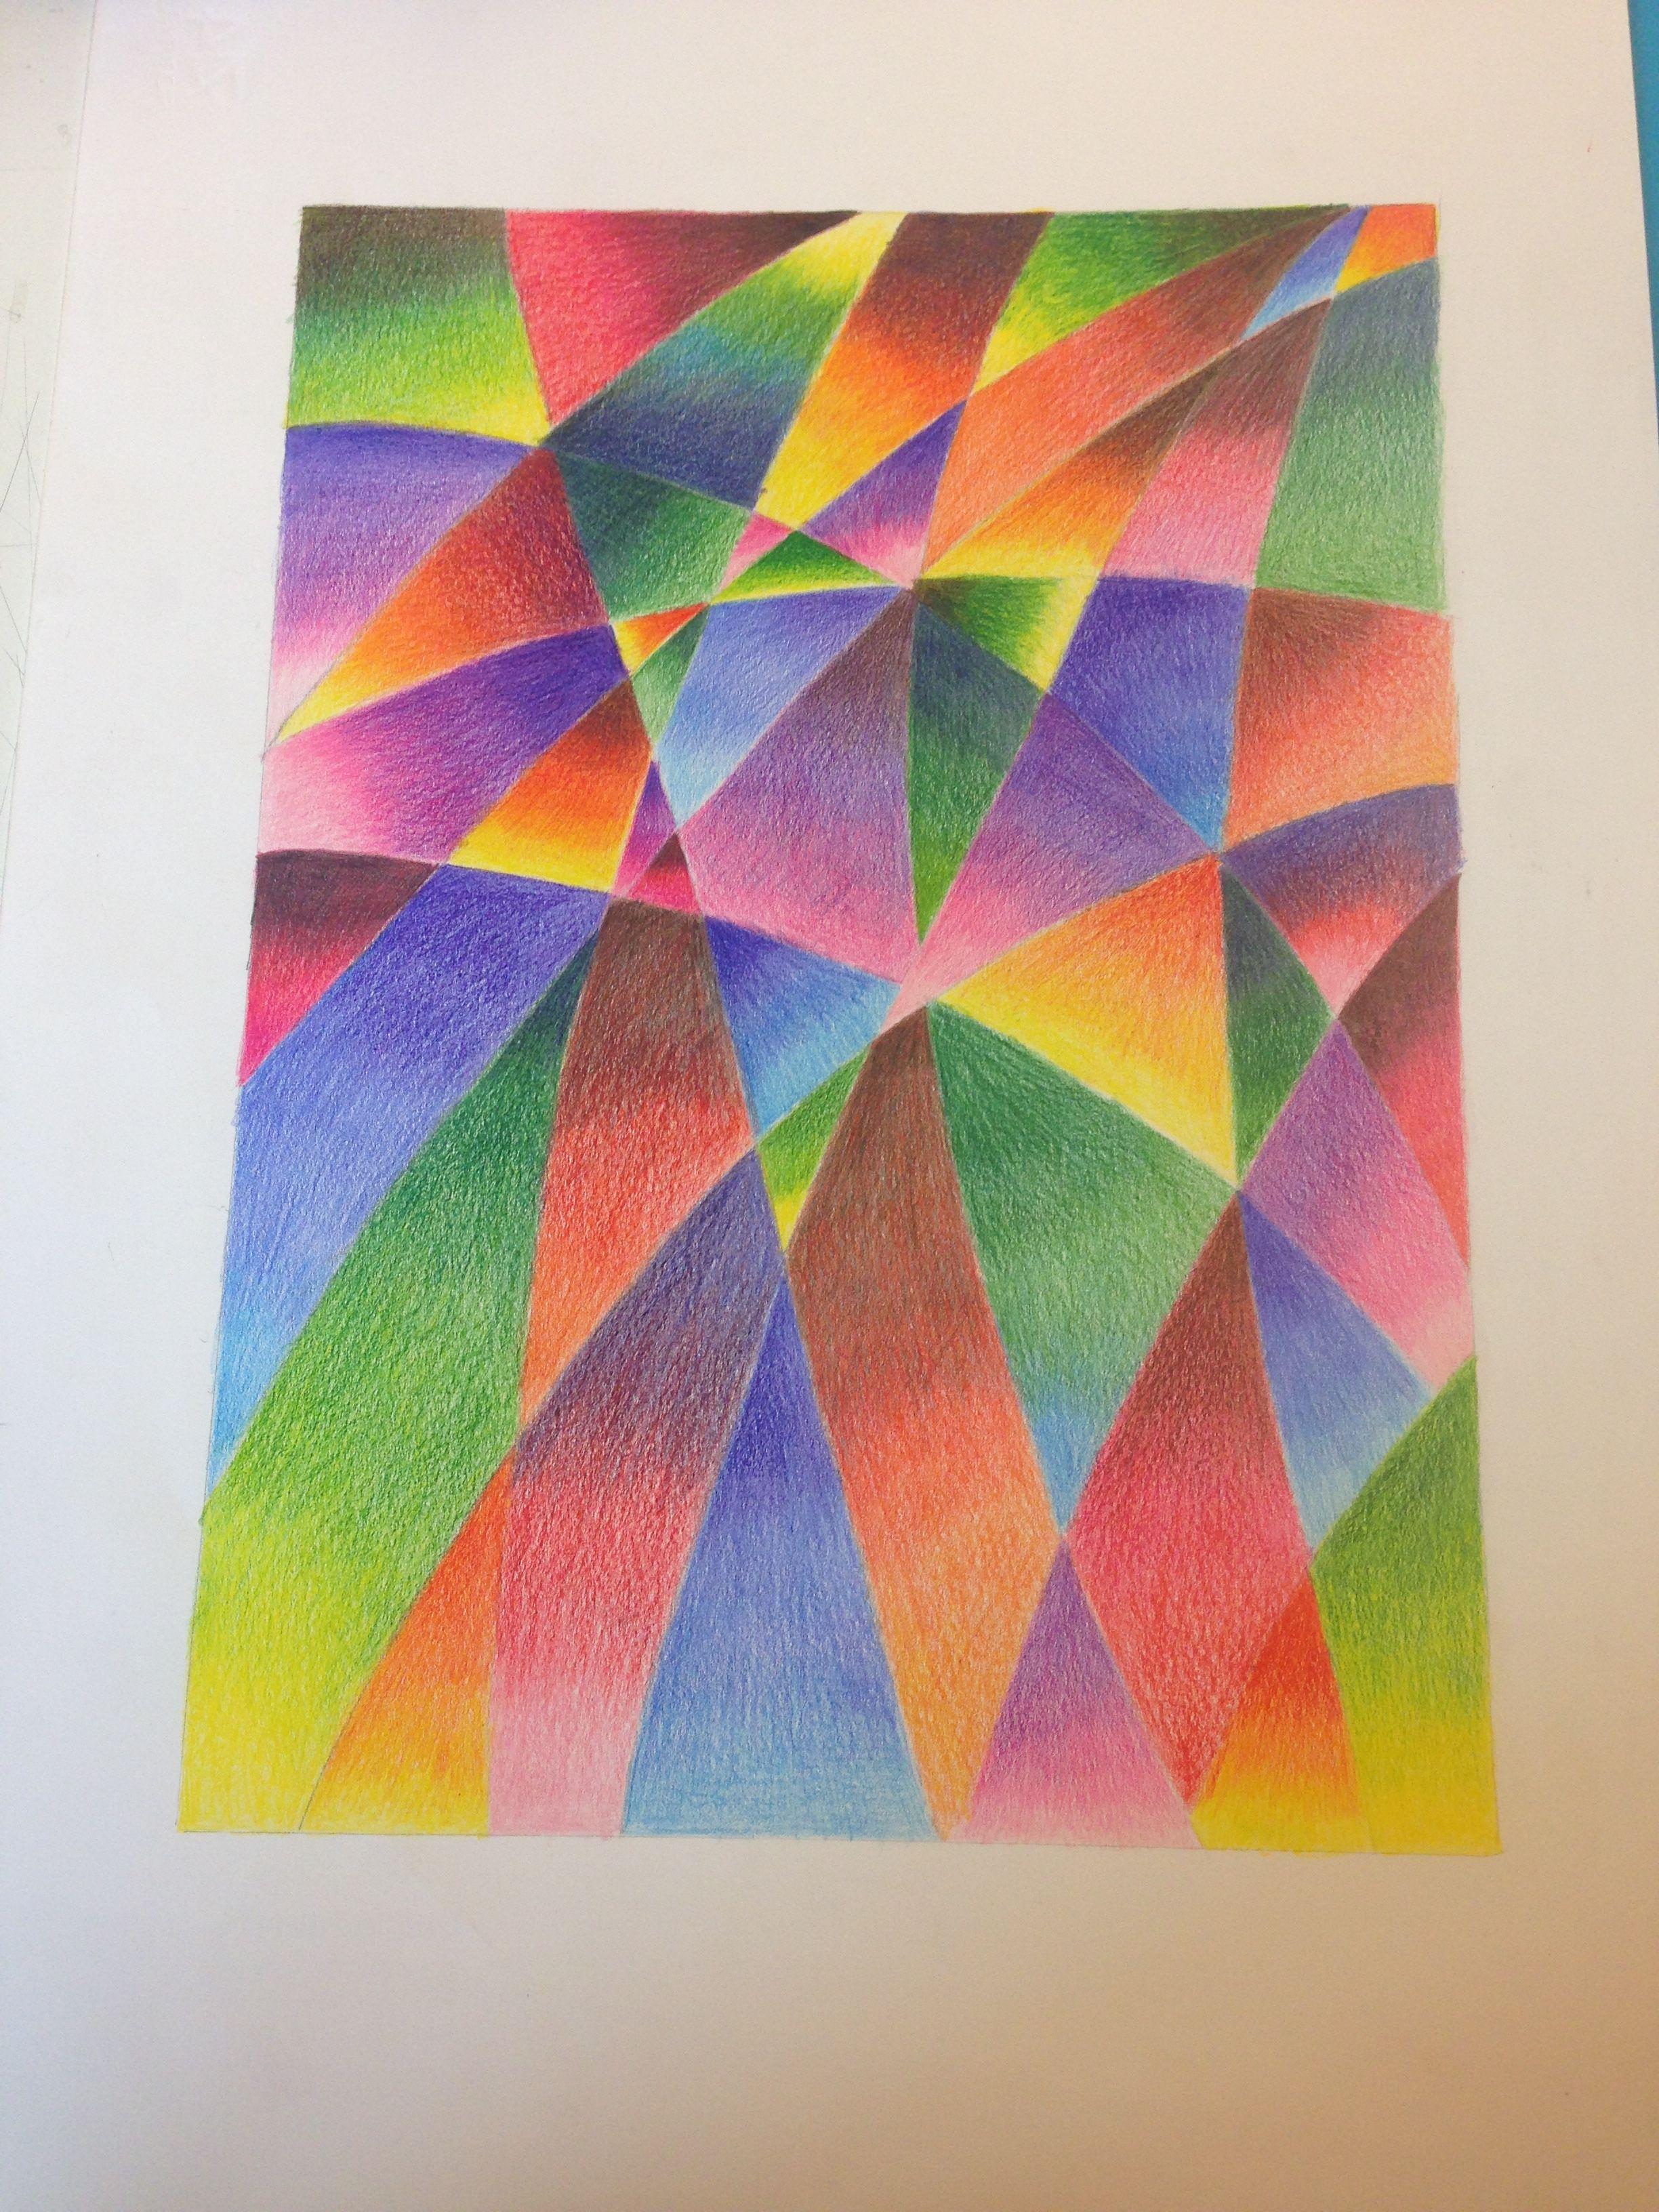 Sfumature Matite Colorate Matite Colorate Disegni Astratti Disegni A Matita Colorate